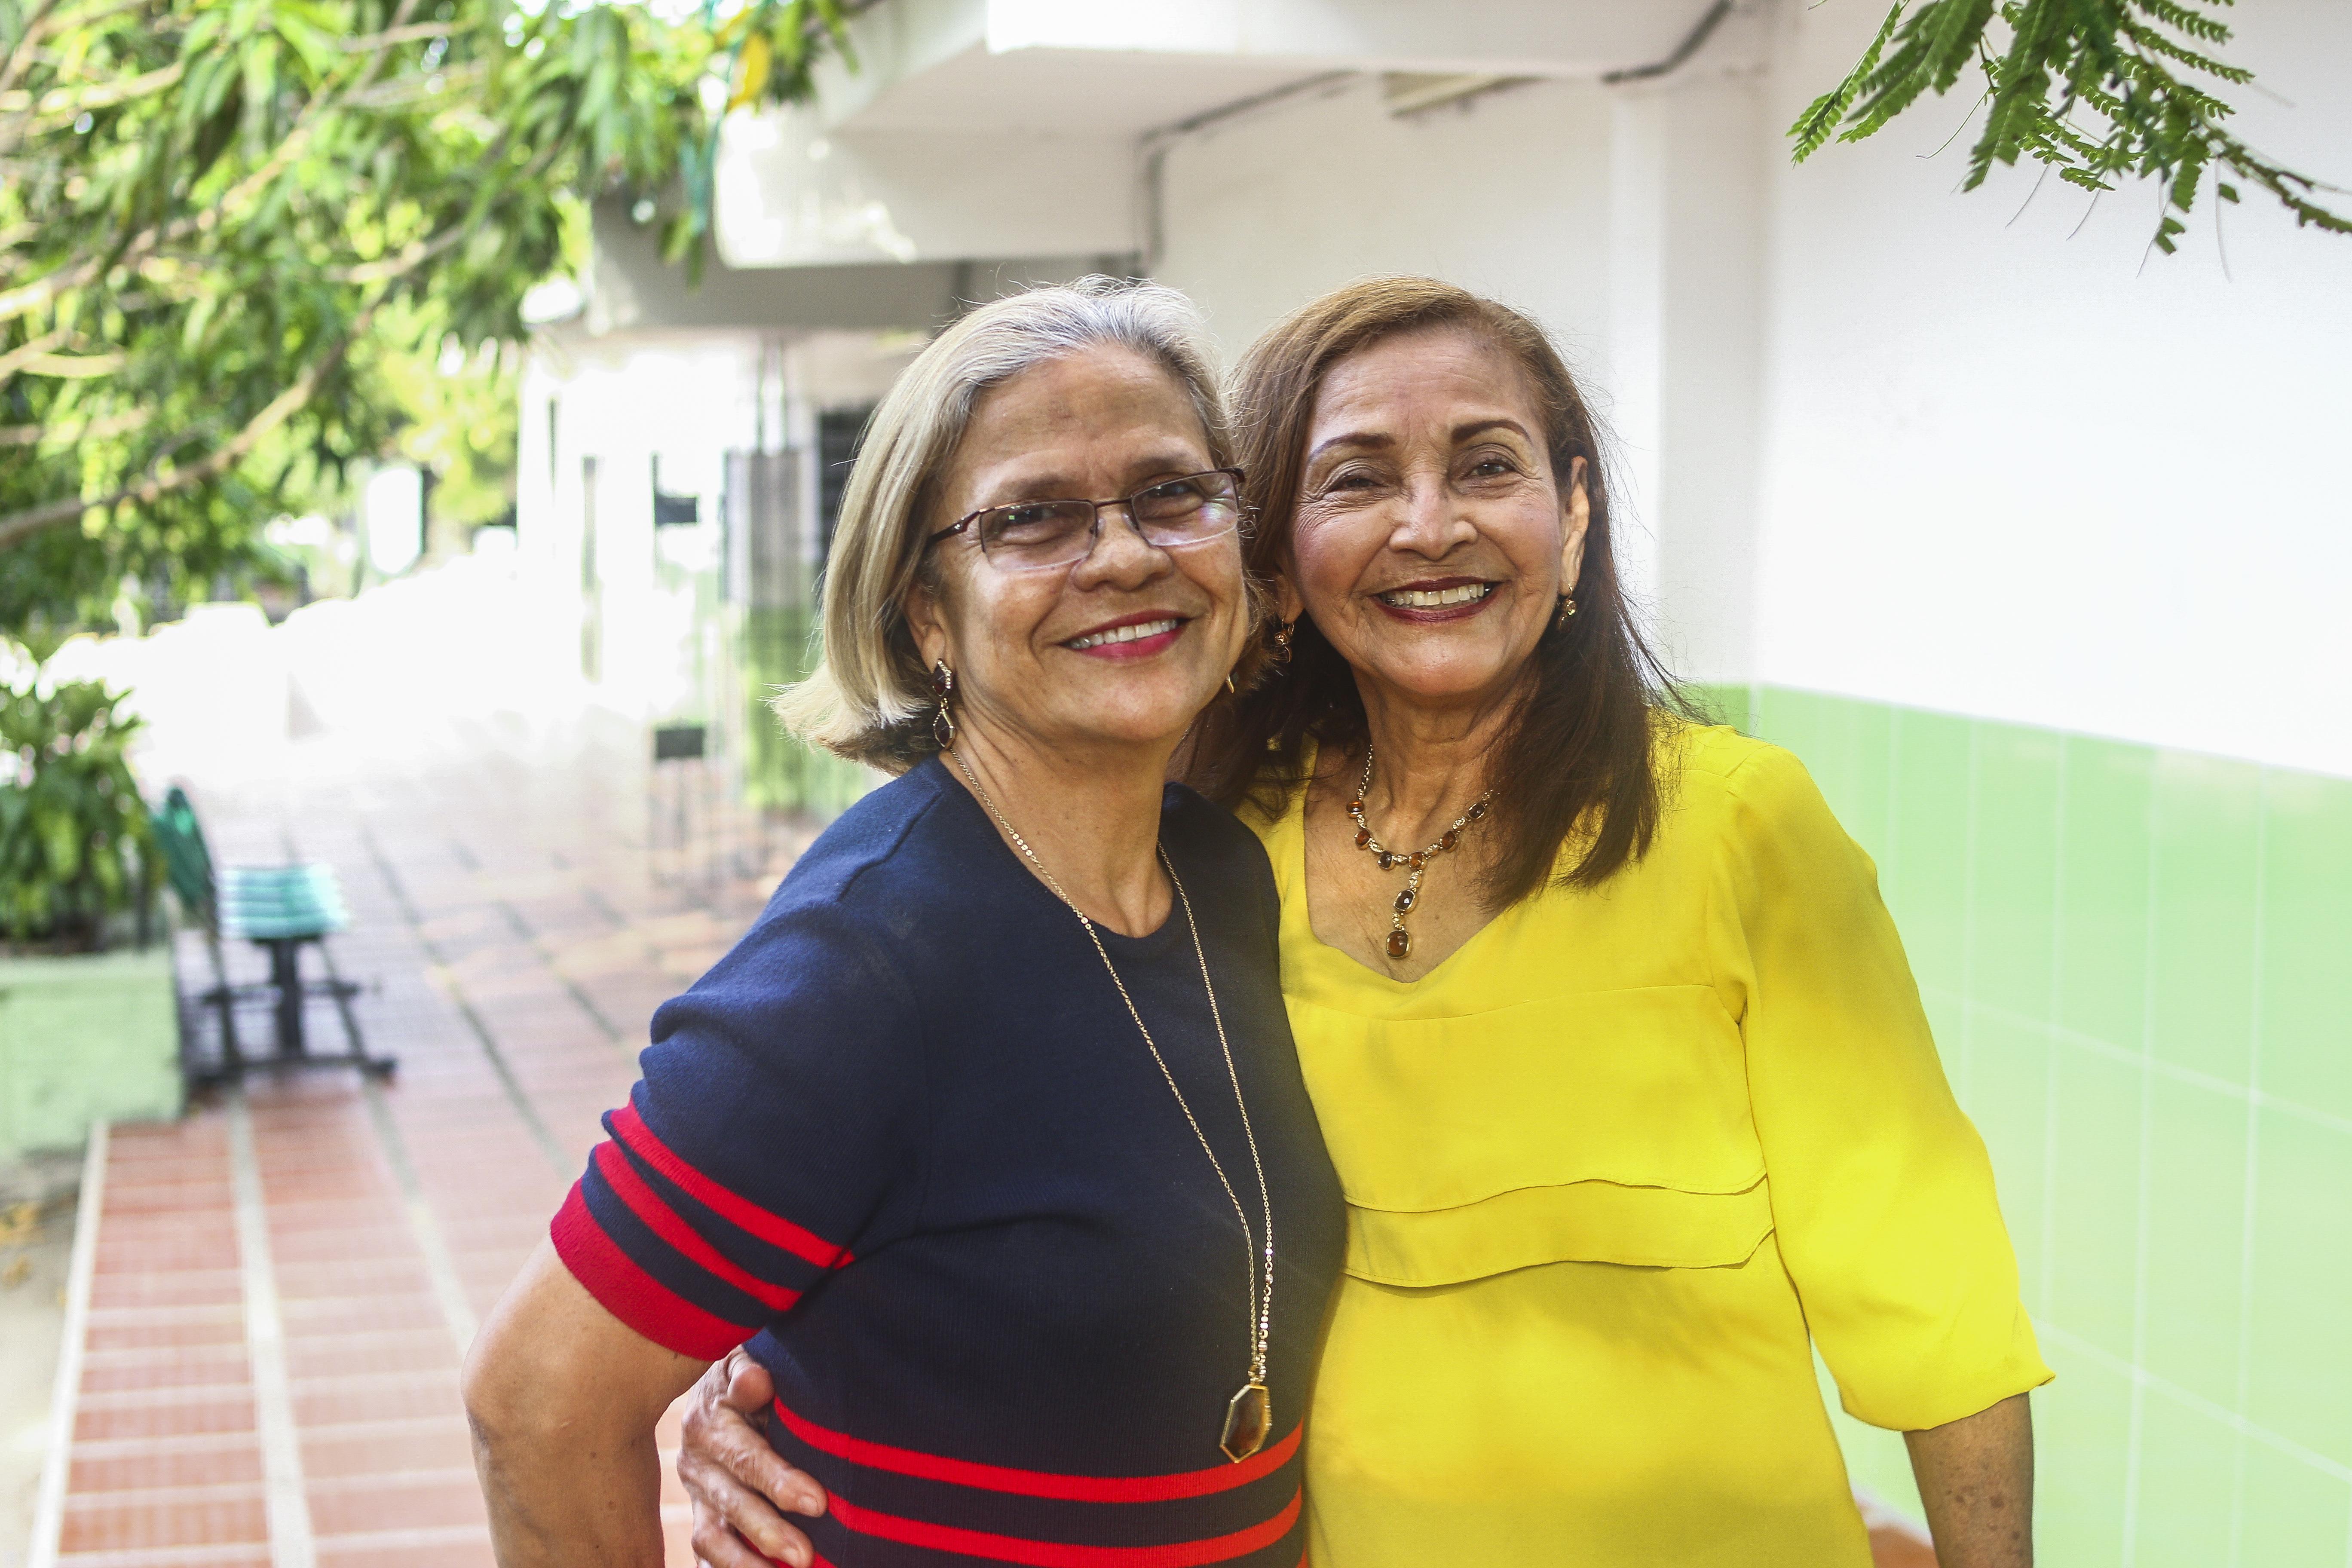 La rectora del I.E.D. María Auxiliadora, María Junco, resalta la dedicación que tiene la 'seño' Margarita con sus alumnos.